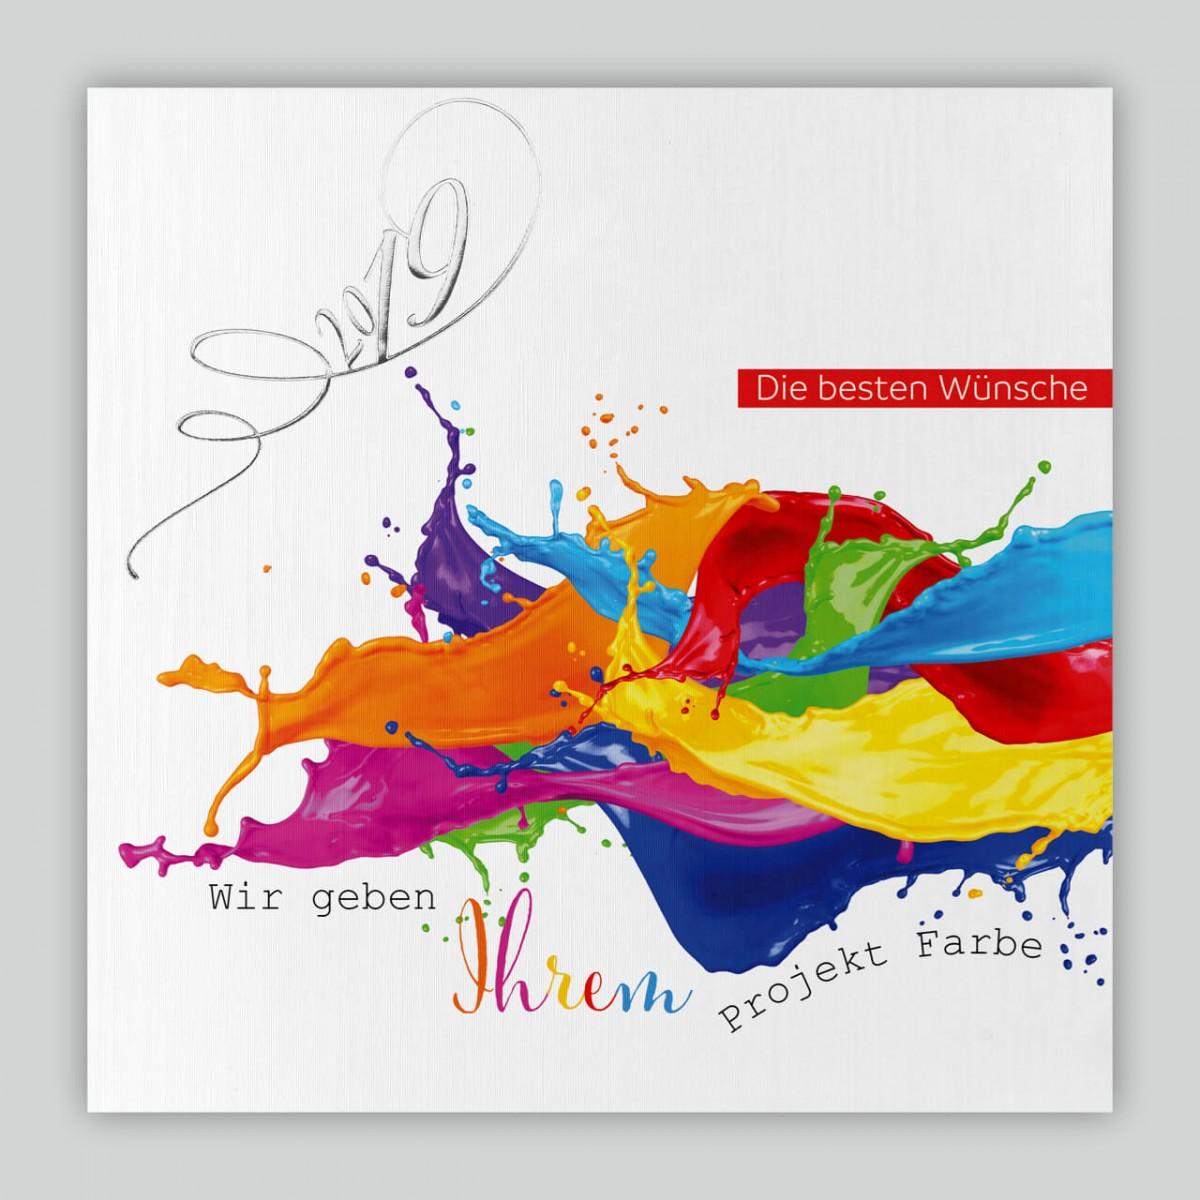 Geschäftliche Neujahrswünsche Karte Mit Farbspritzern